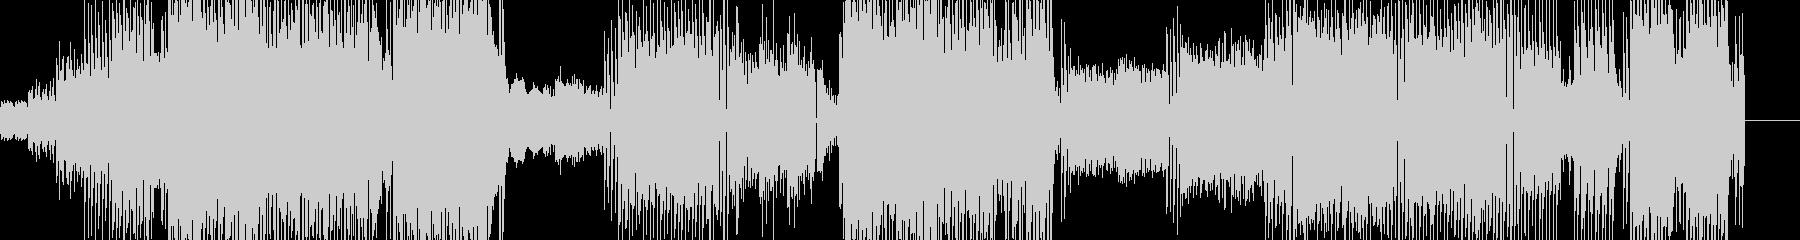 ポップな曲調にピコピコシンセの音を加え…の未再生の波形